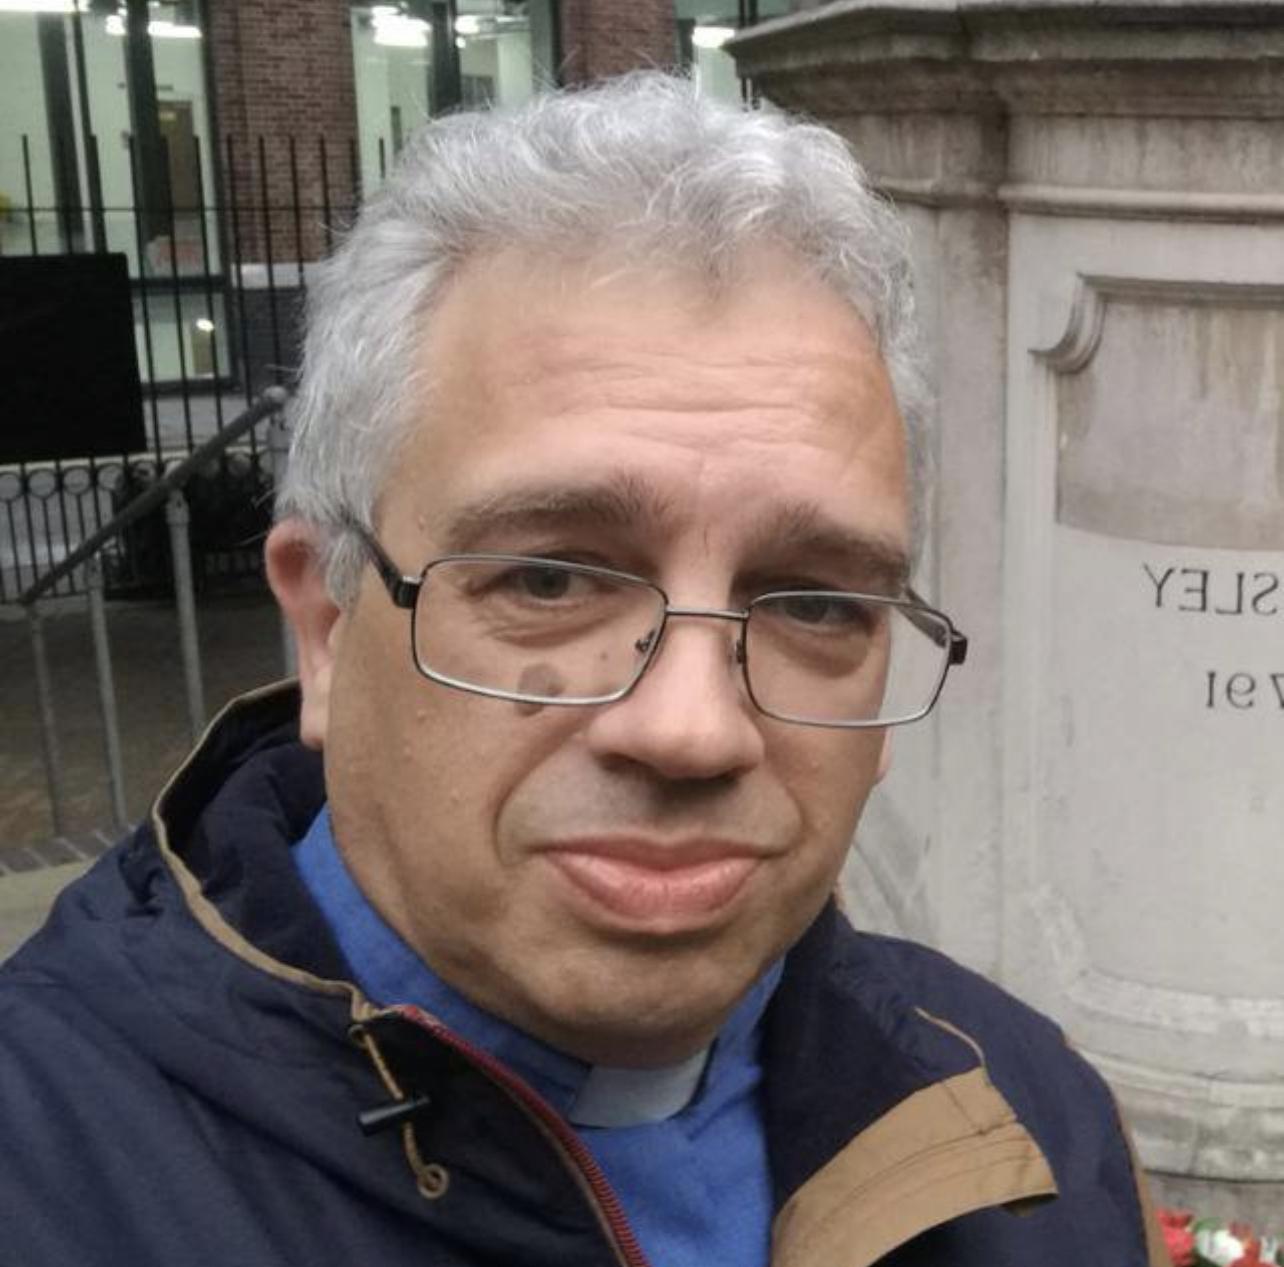 Rev Paul Weary